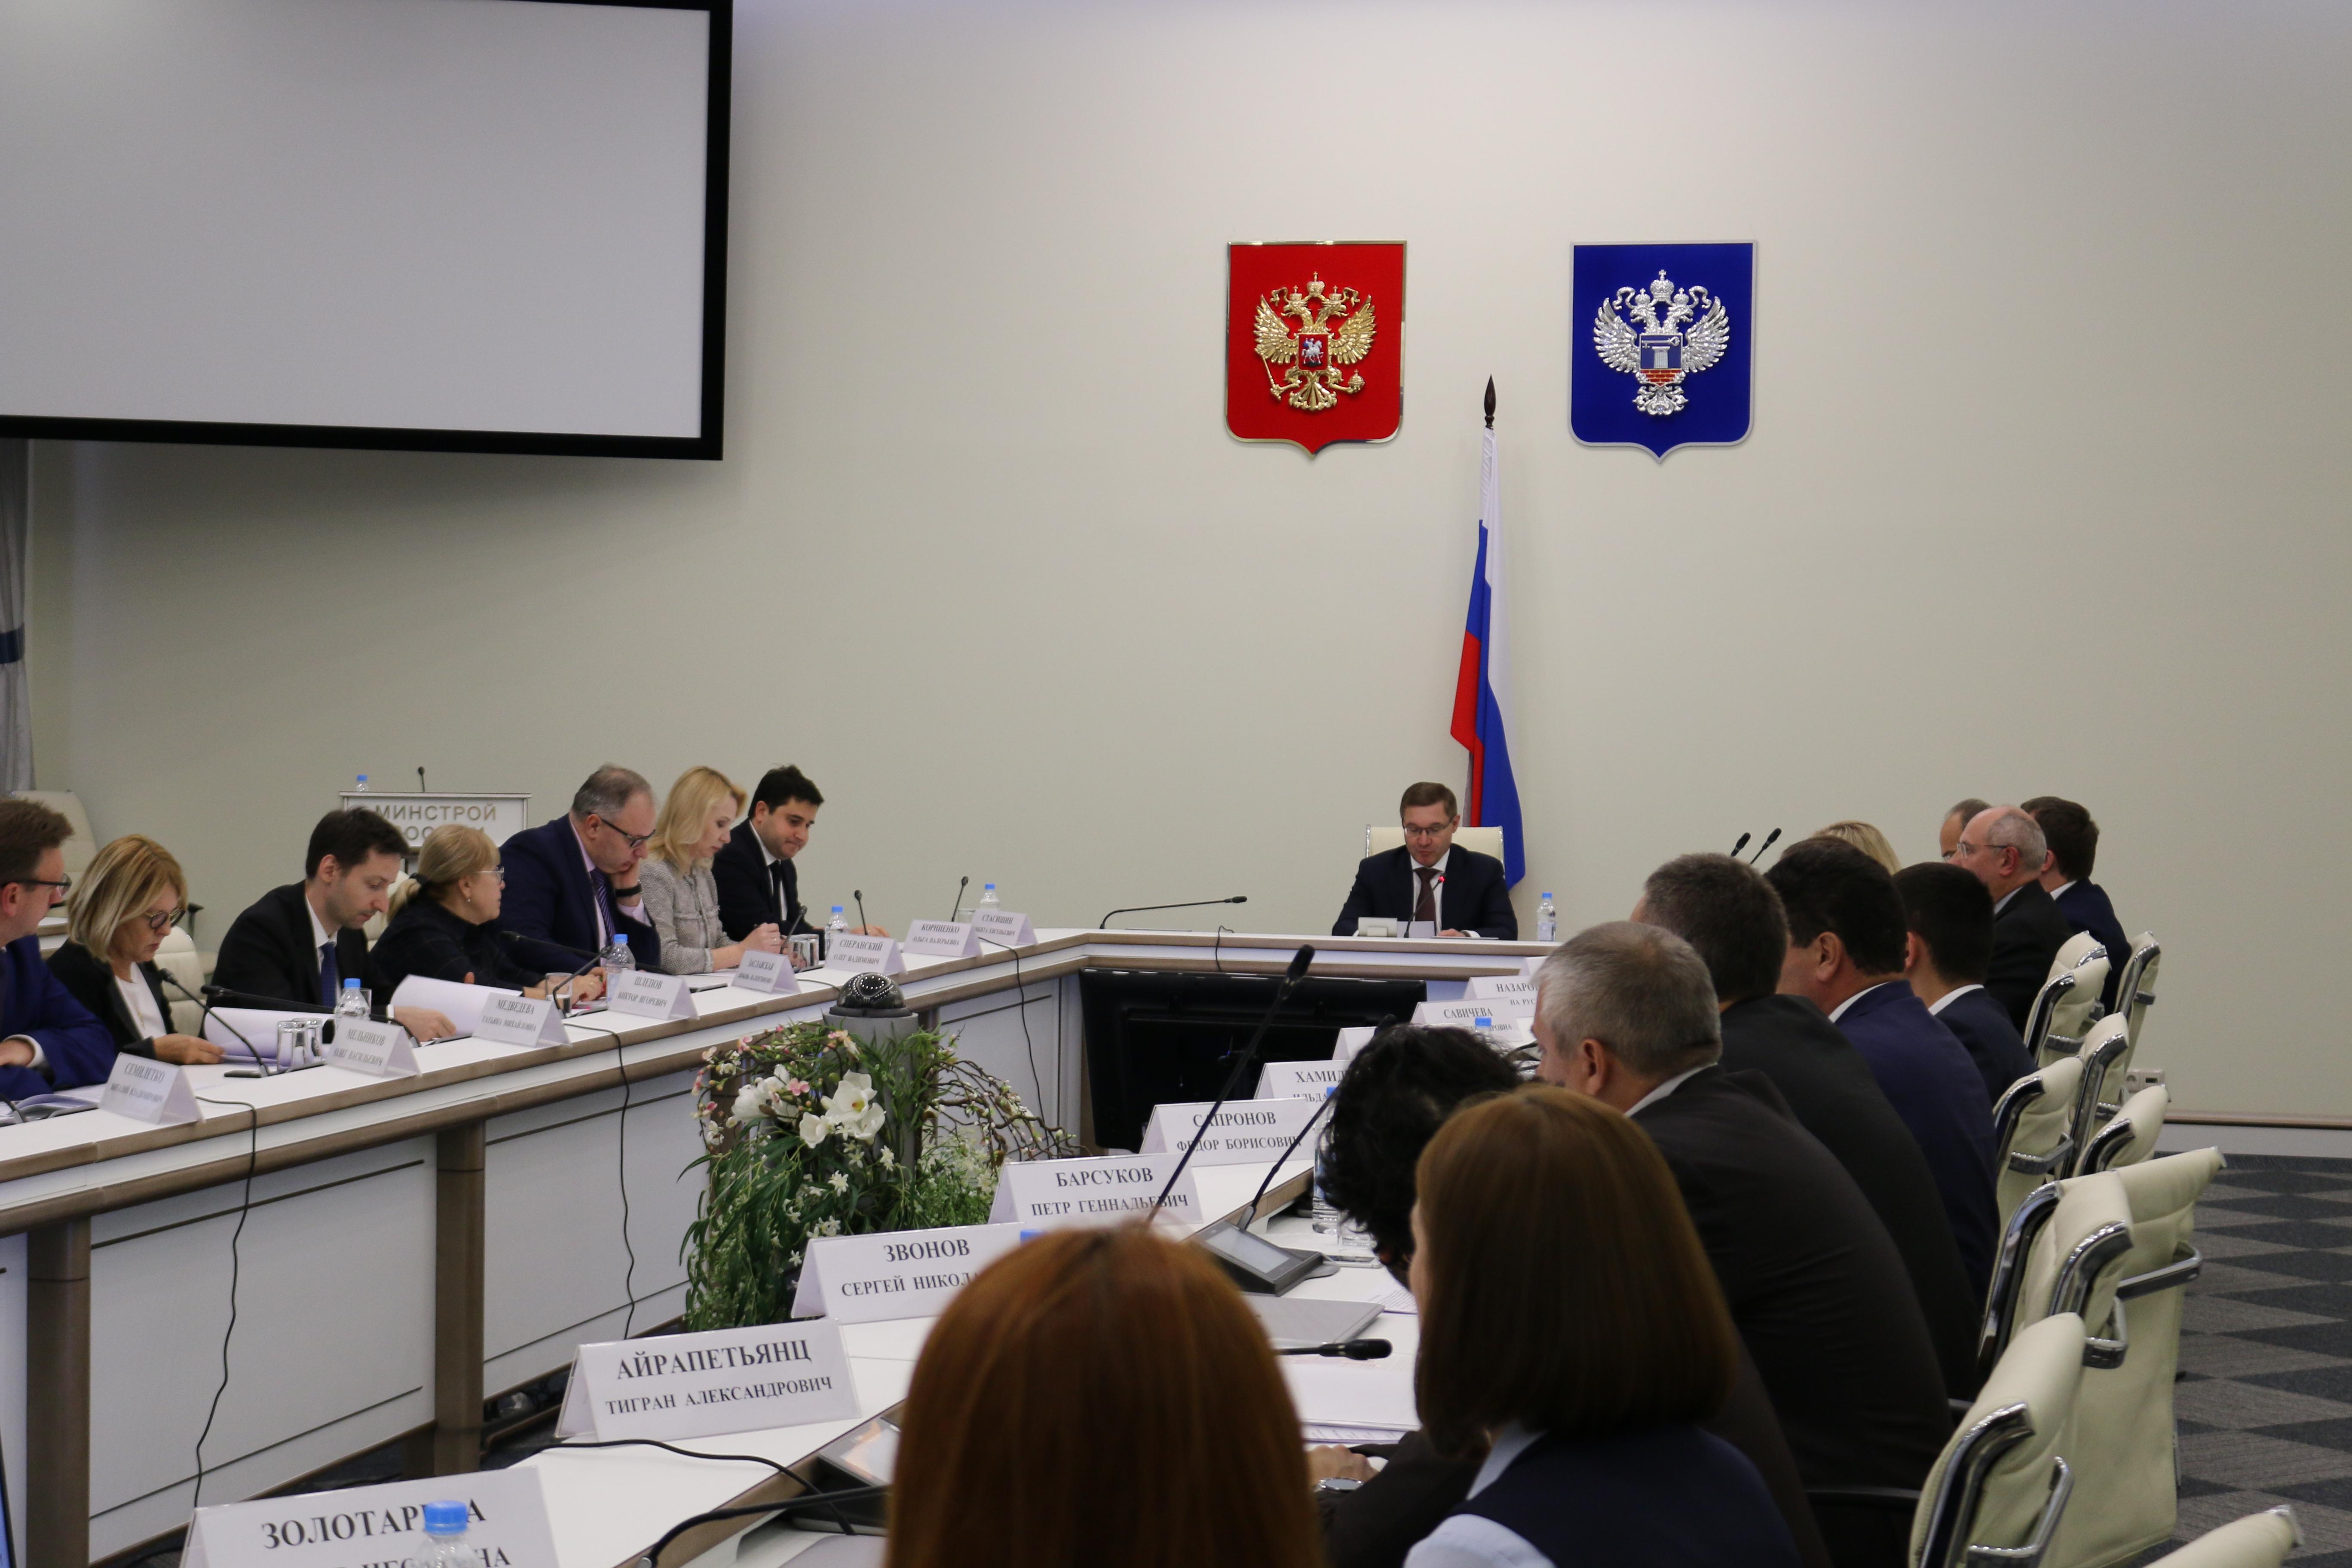 Первое заседание Комиссии по взаимодействию банков и застройщиков прошло <br>в Минстрое России